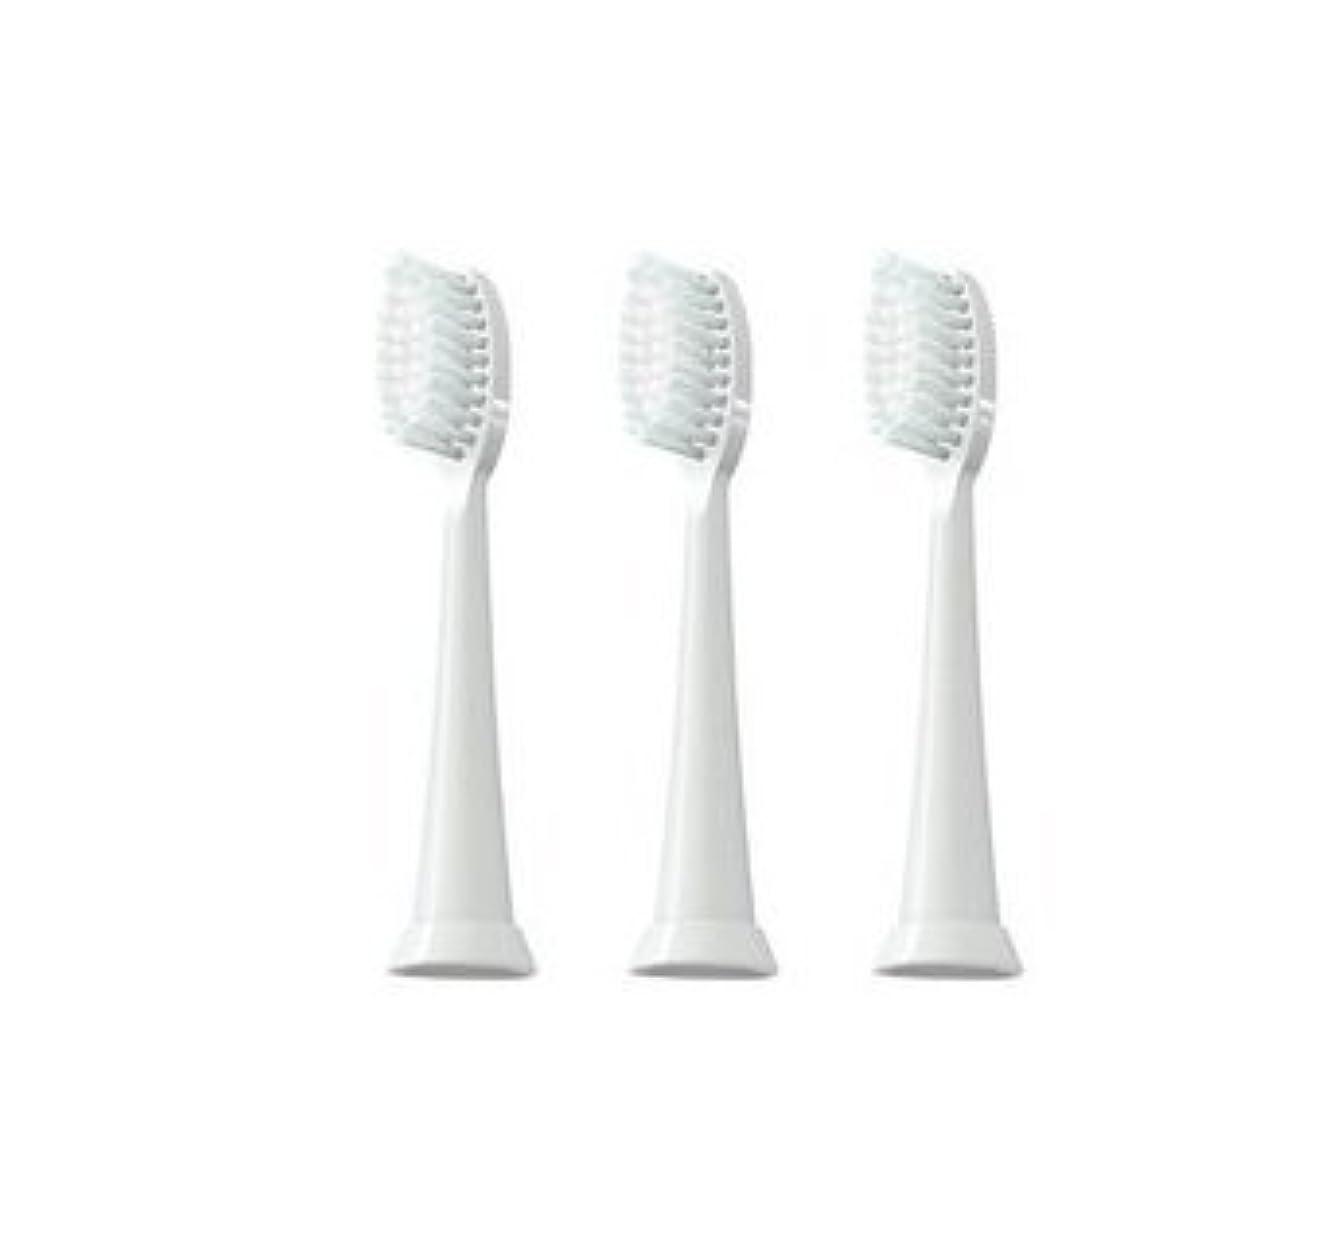 禁止ステーキ無秩序TAO Clean 電動歯ブラシ用【替えブラシ 3本セット】(ホワイト)通常はメール便にて発送します。